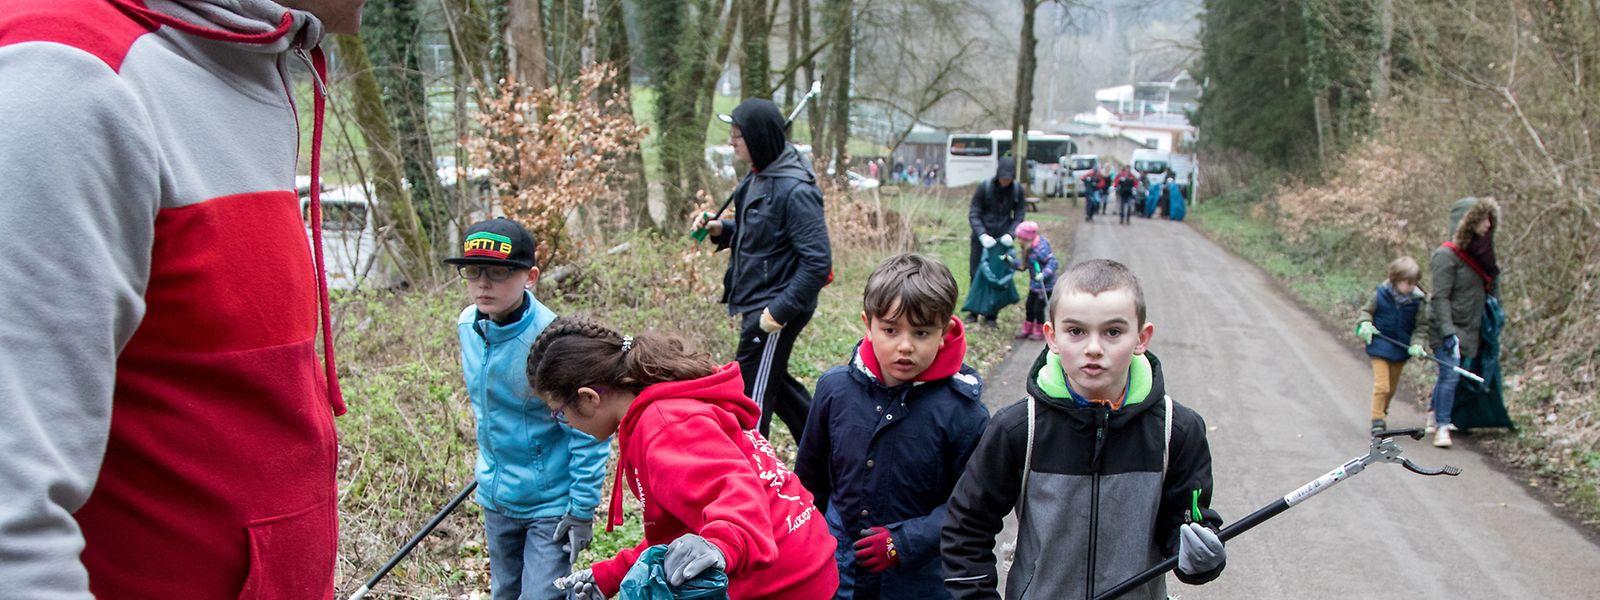 Kinder und Erwachsene sammelten am Samstag im Differdinger Wald Müll ein.